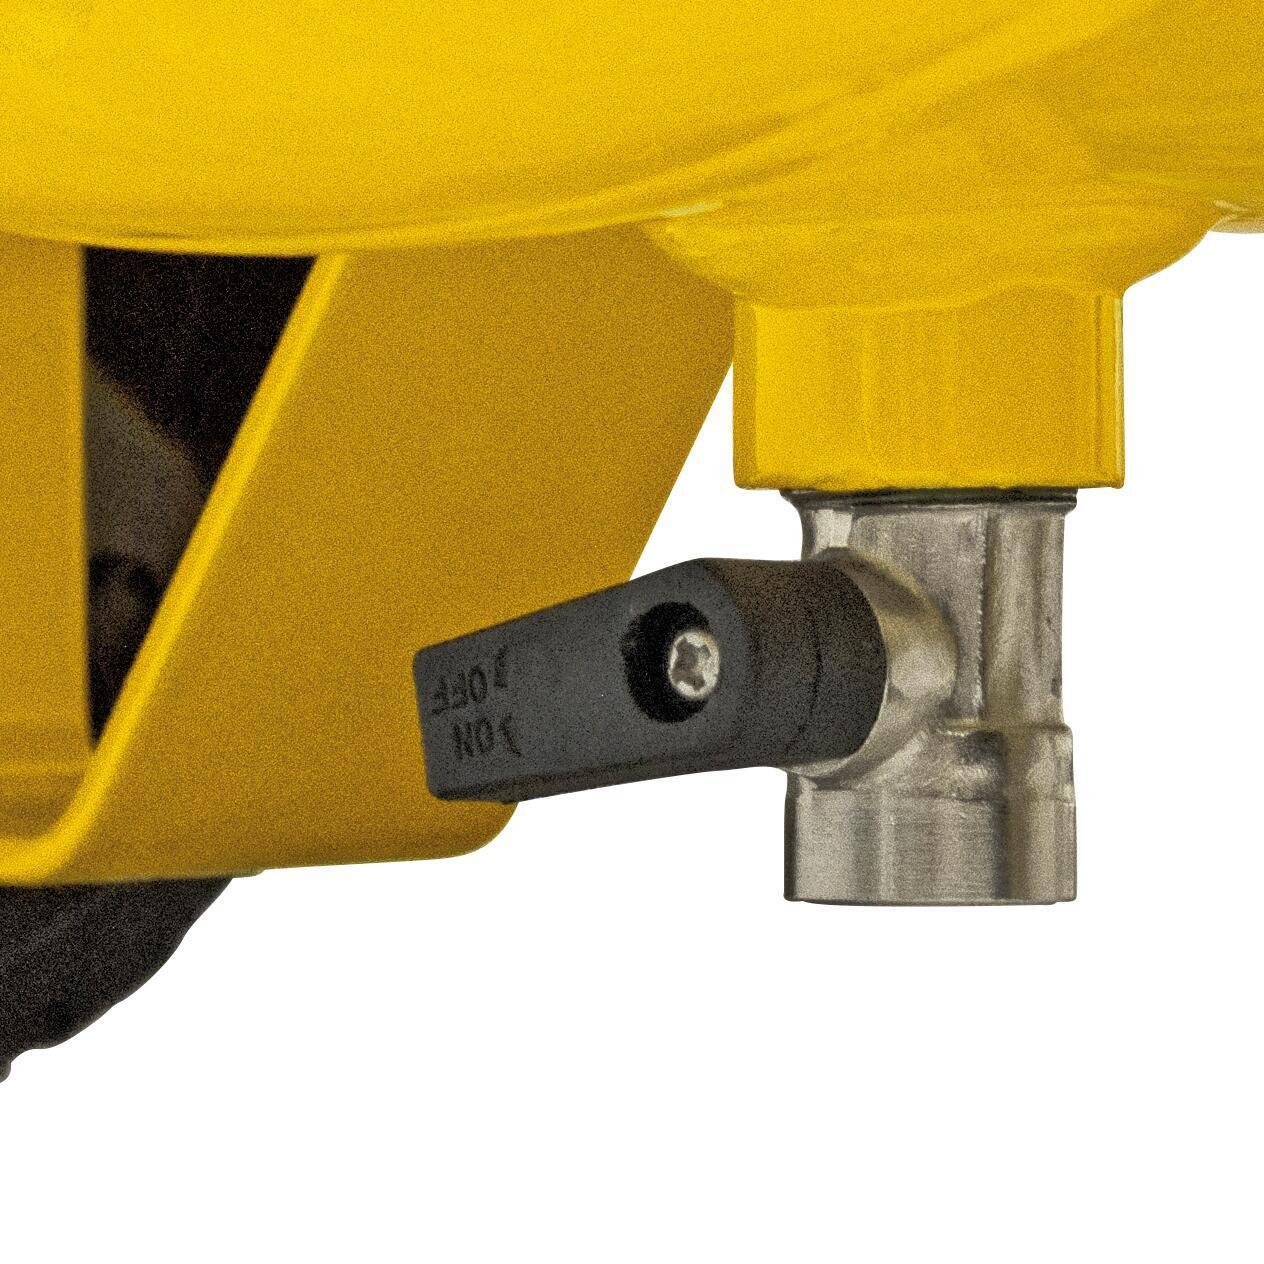 Compressore silenziato STANLEY SXCMS2652HE, 2.6 hp, 8 bar, 50 litri - 3